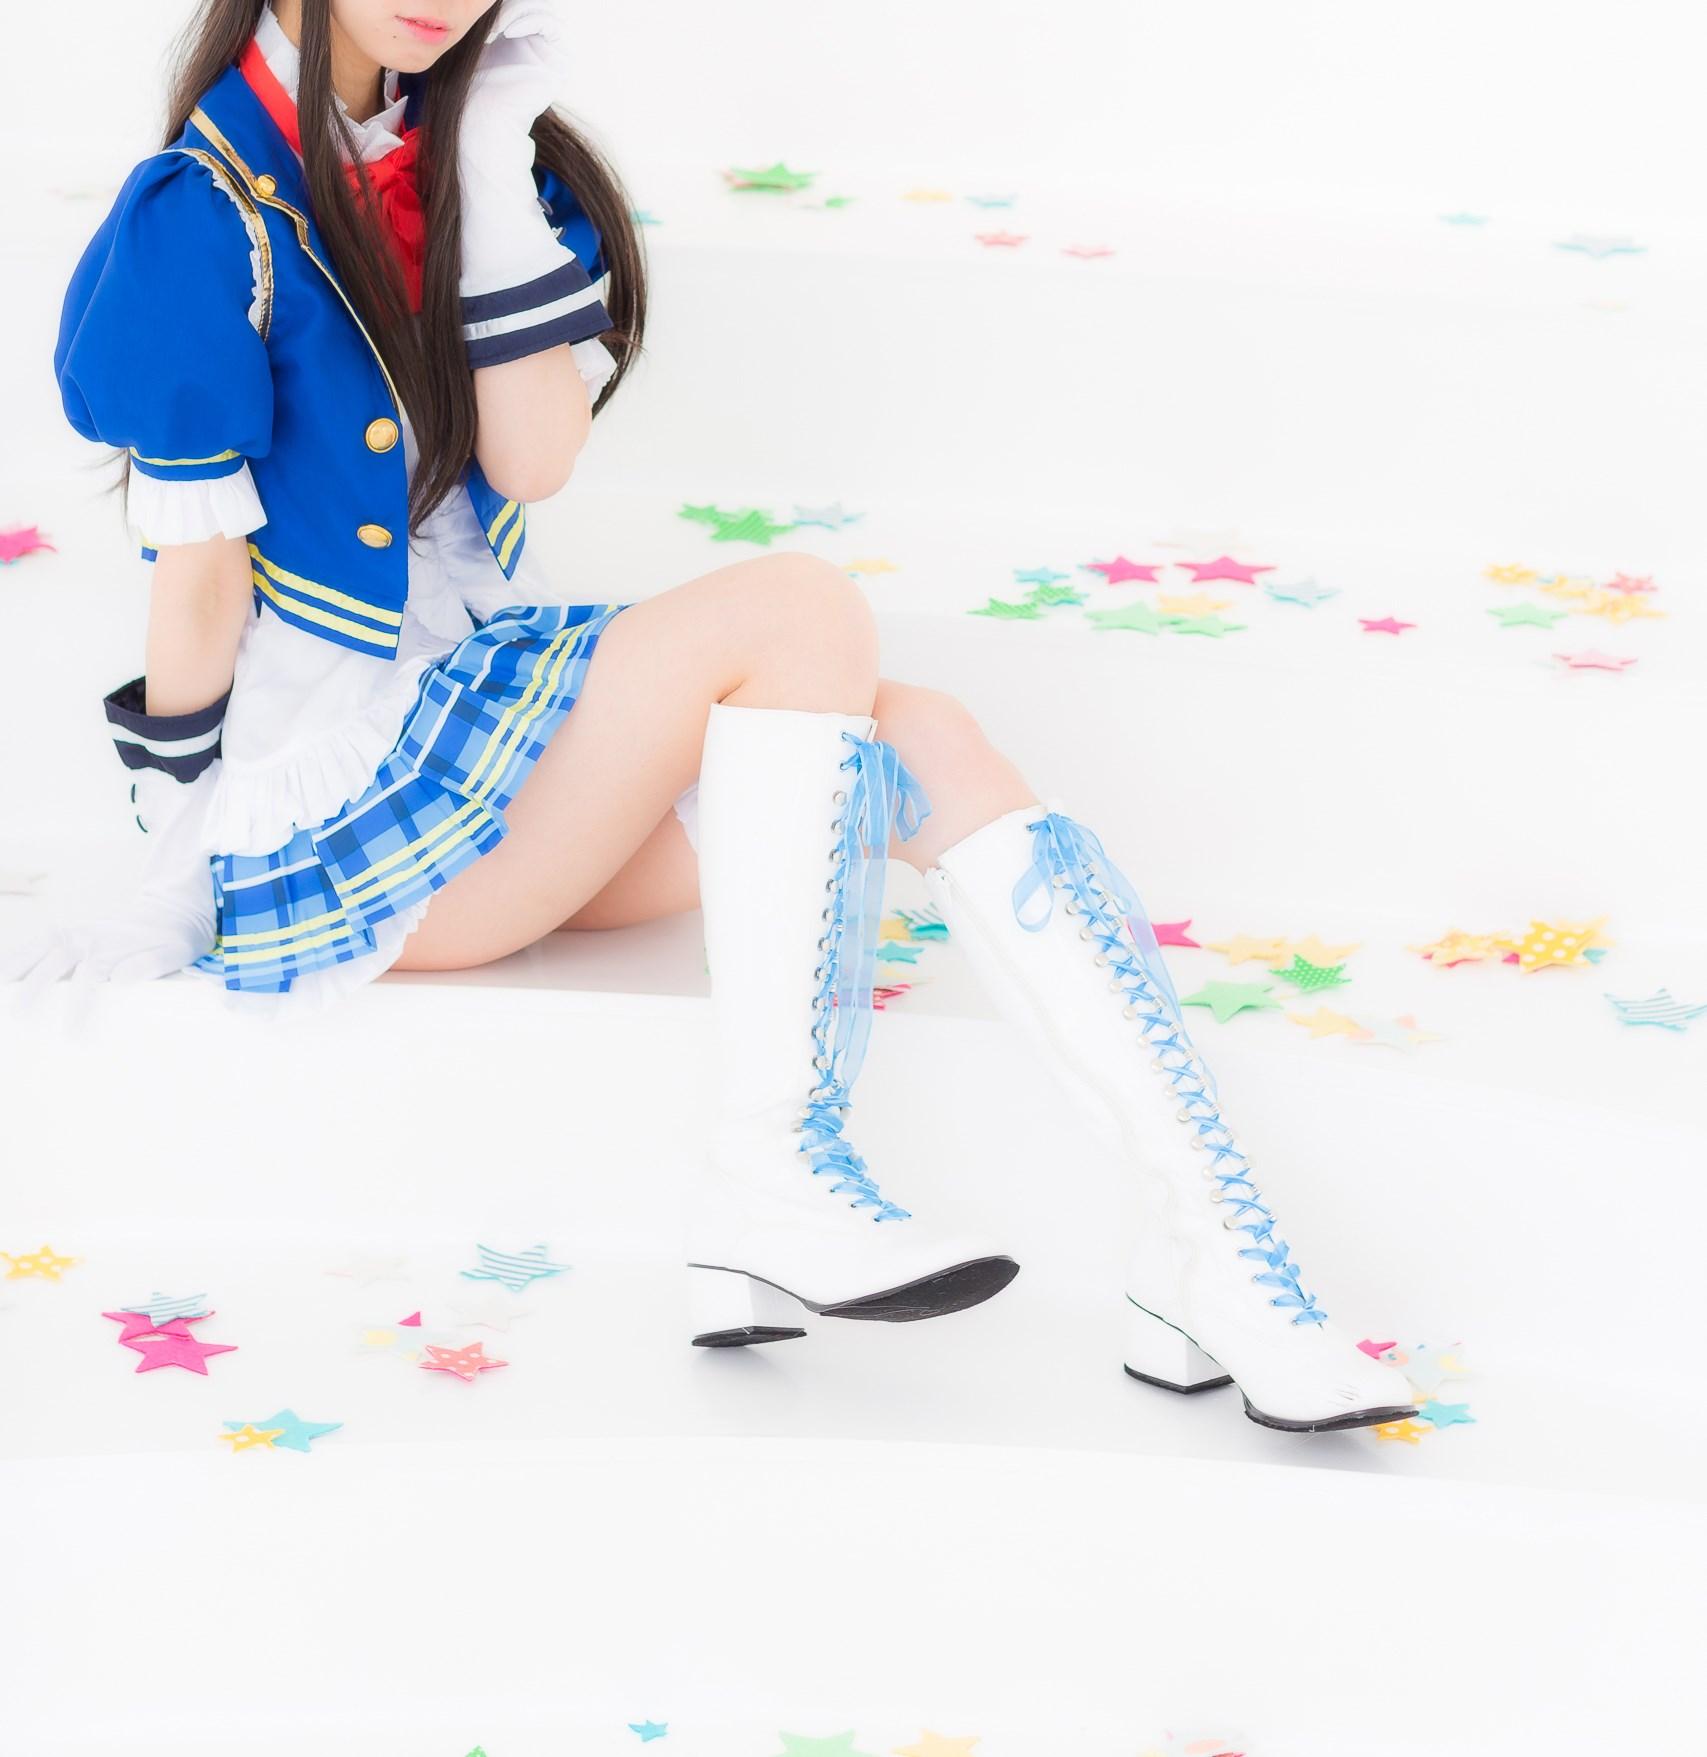 【兔玩映画】少女制服爱豆 兔玩映画 第49张